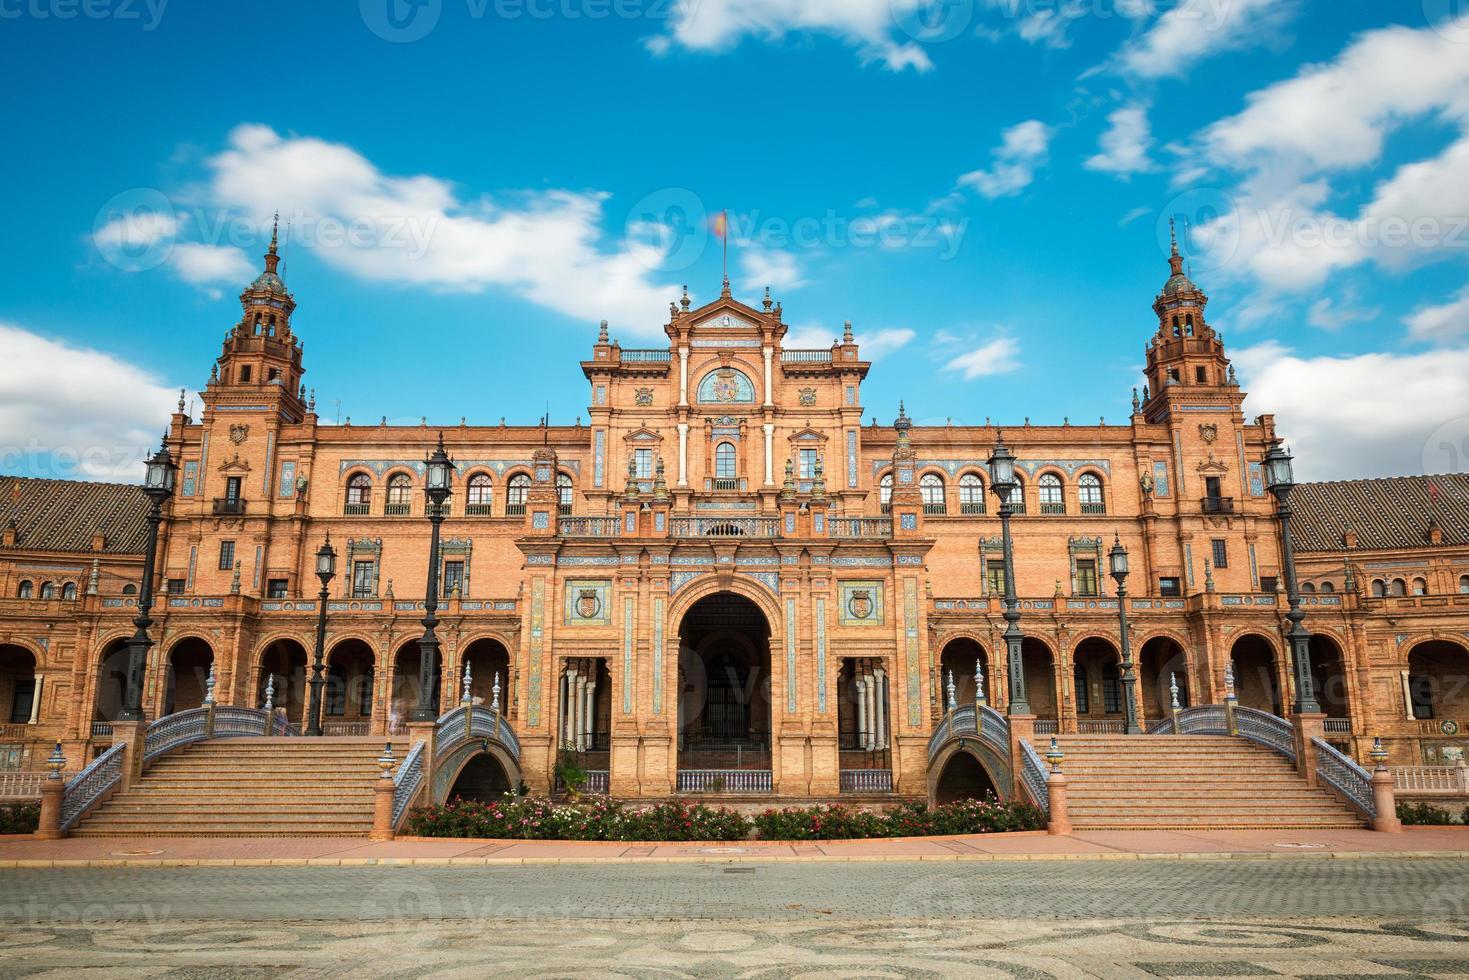 Plaza de Espana in Seville, Andalusia photo